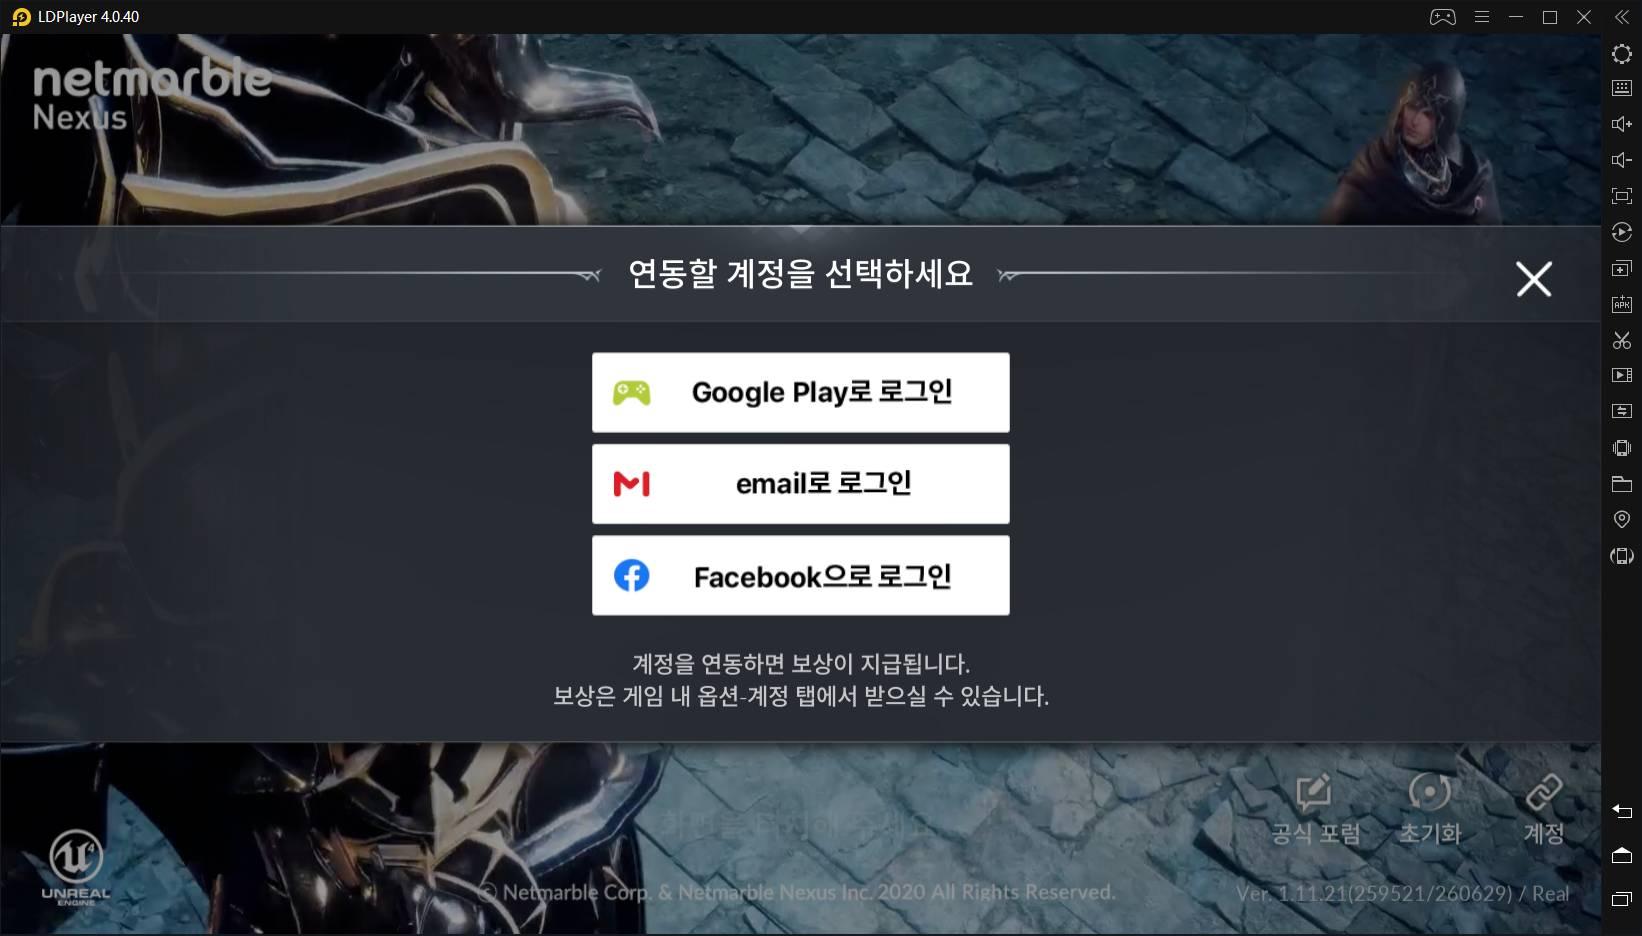 세븐나이츠2 IOS아이폰 계정 연동 방법